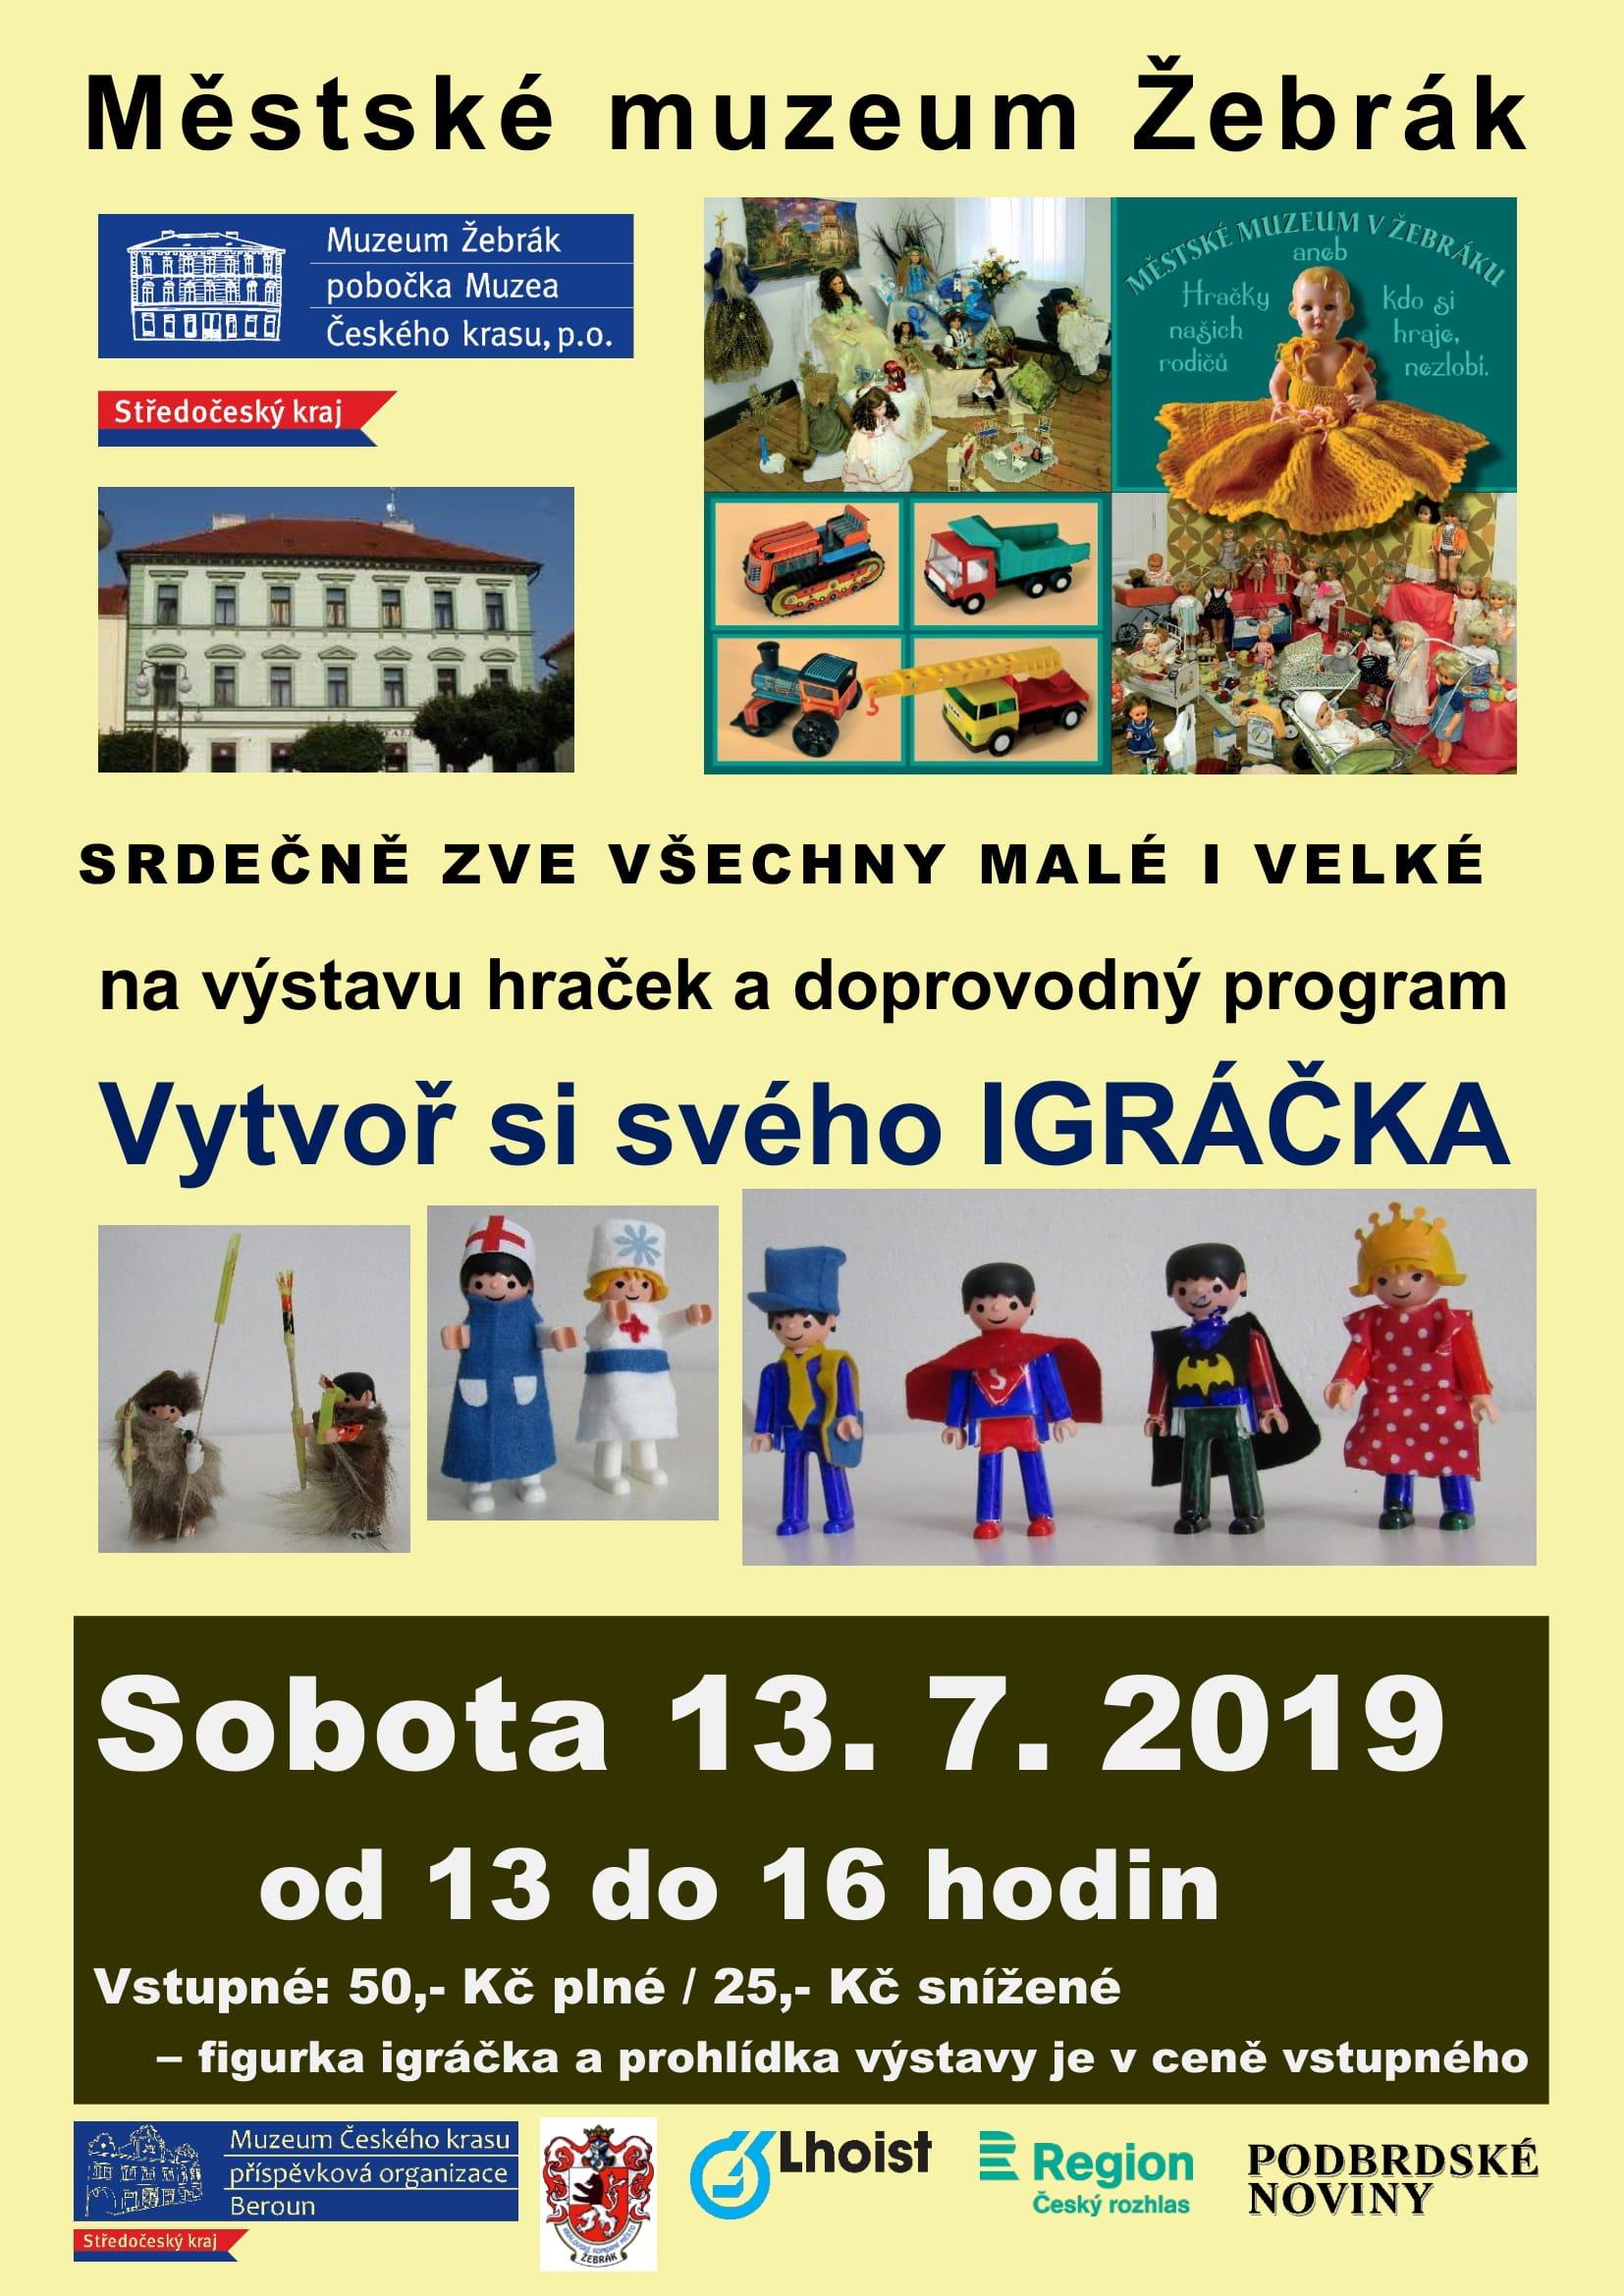 letak_IGRACEK_Zeb_2019-1